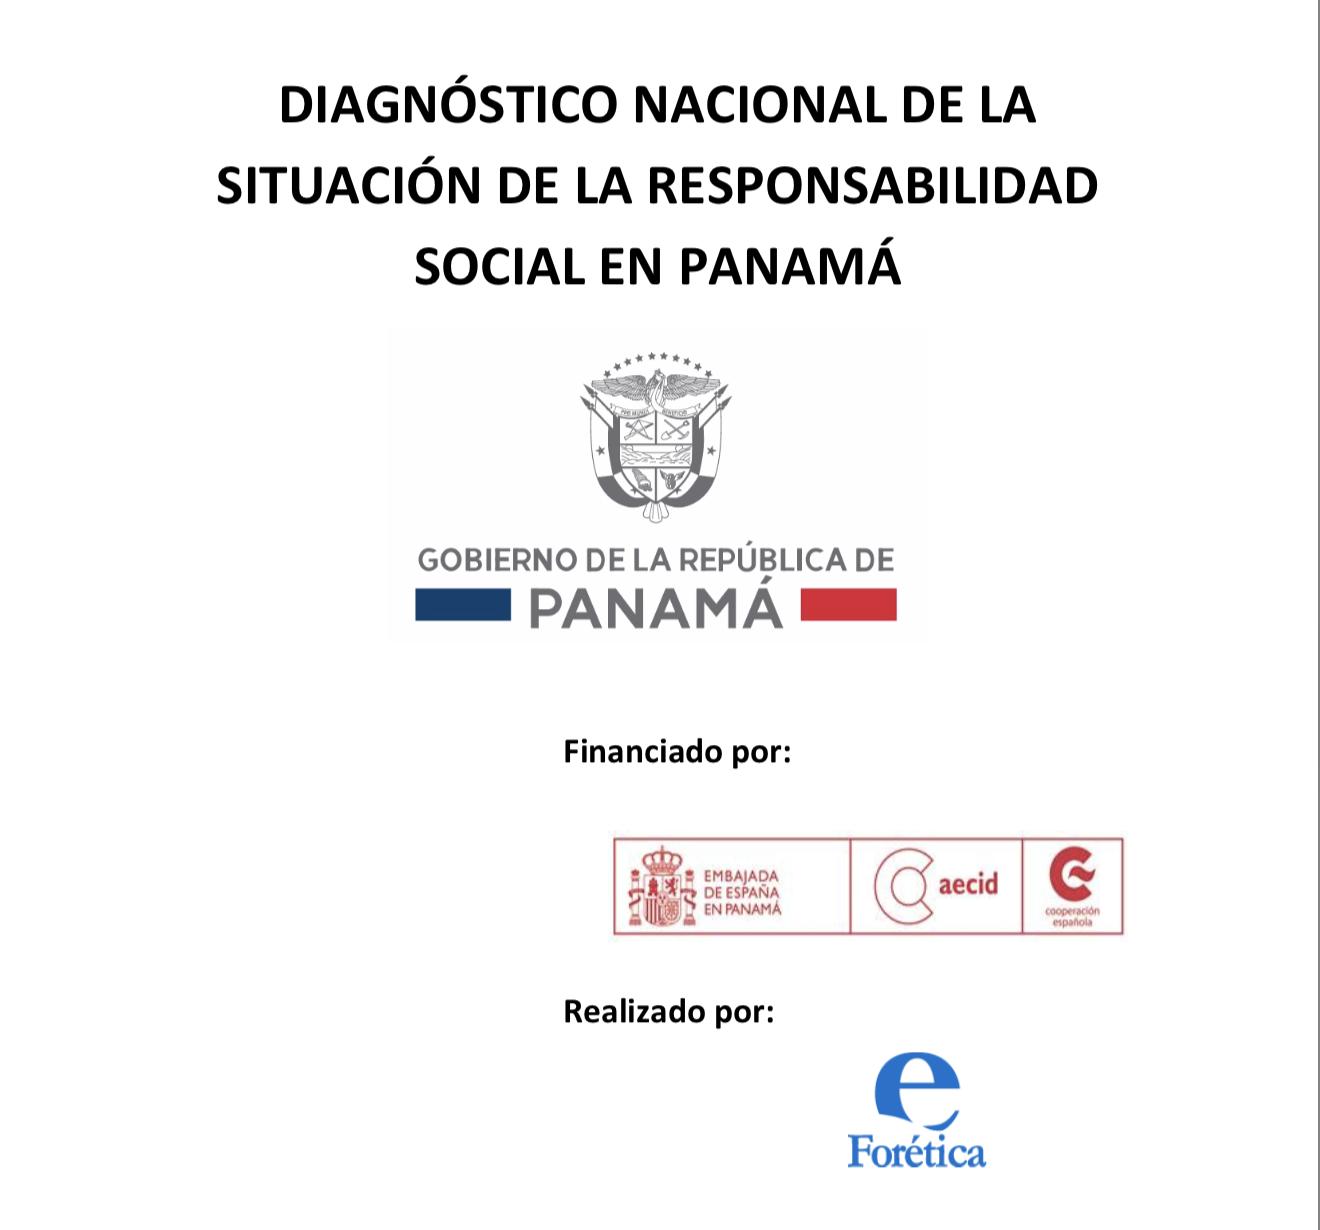 Diagnóstico Nacional de la Situación de la Responsabilidad Social en Panamá